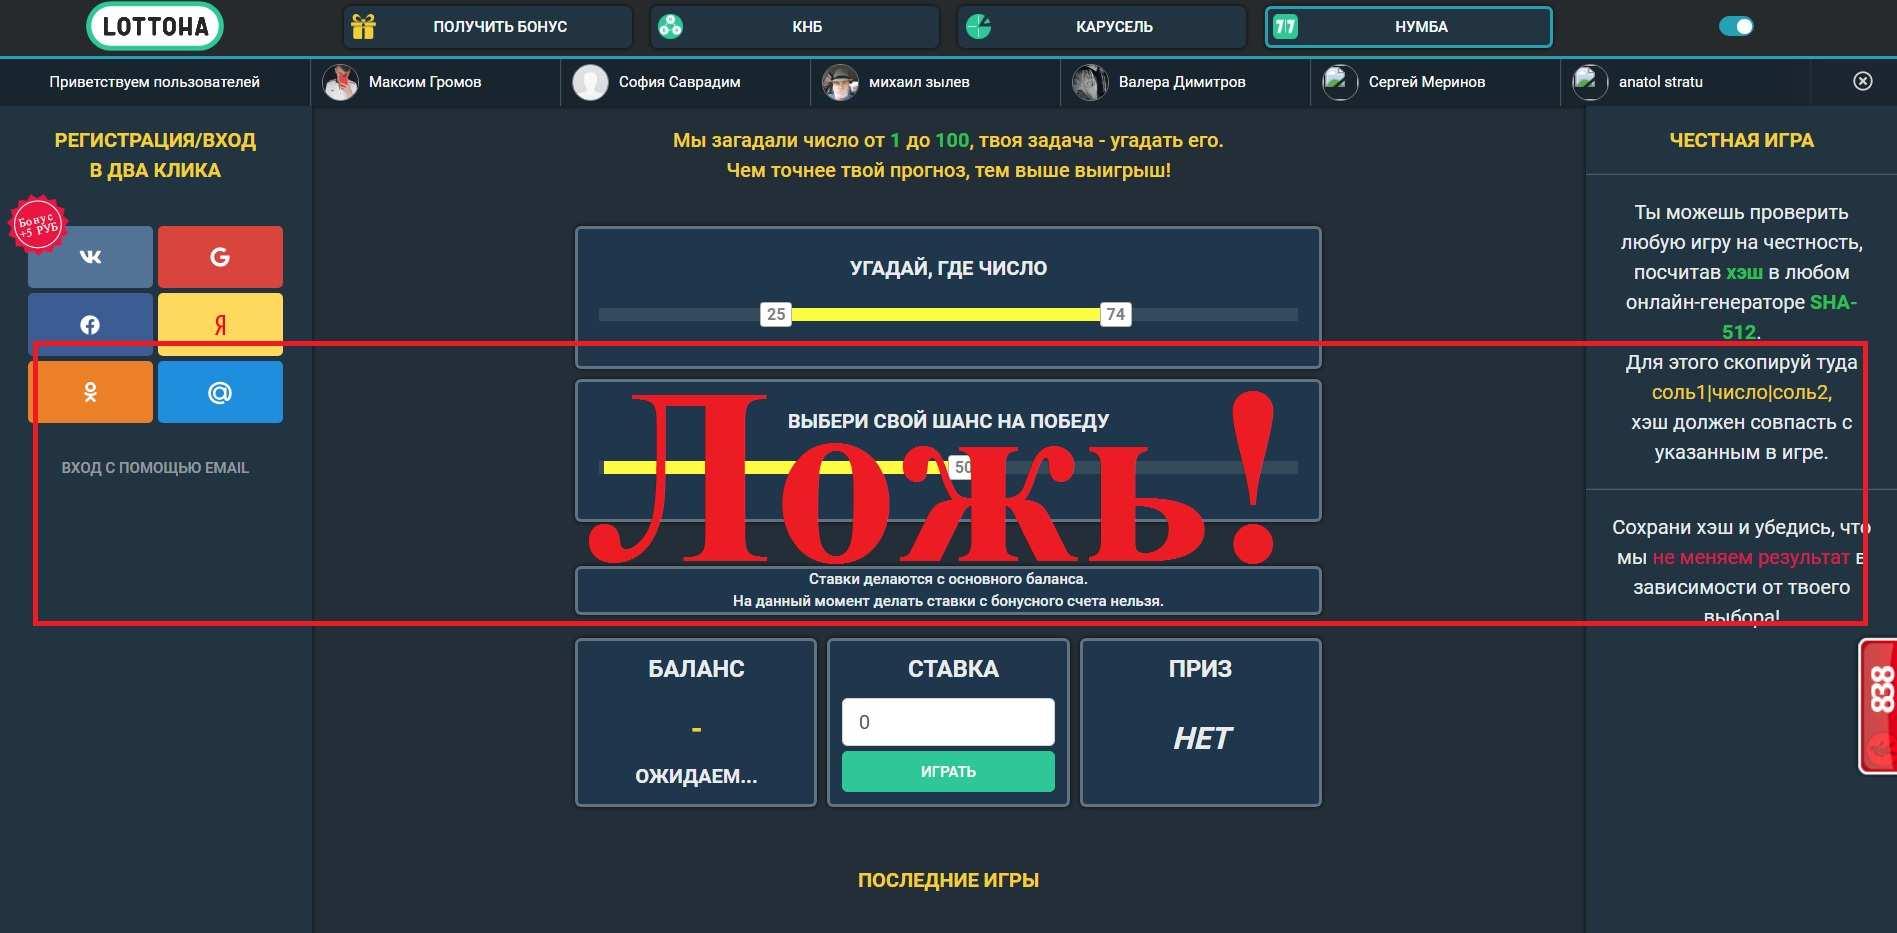 Lottoha – отзывы о сайте. Платит или нет?